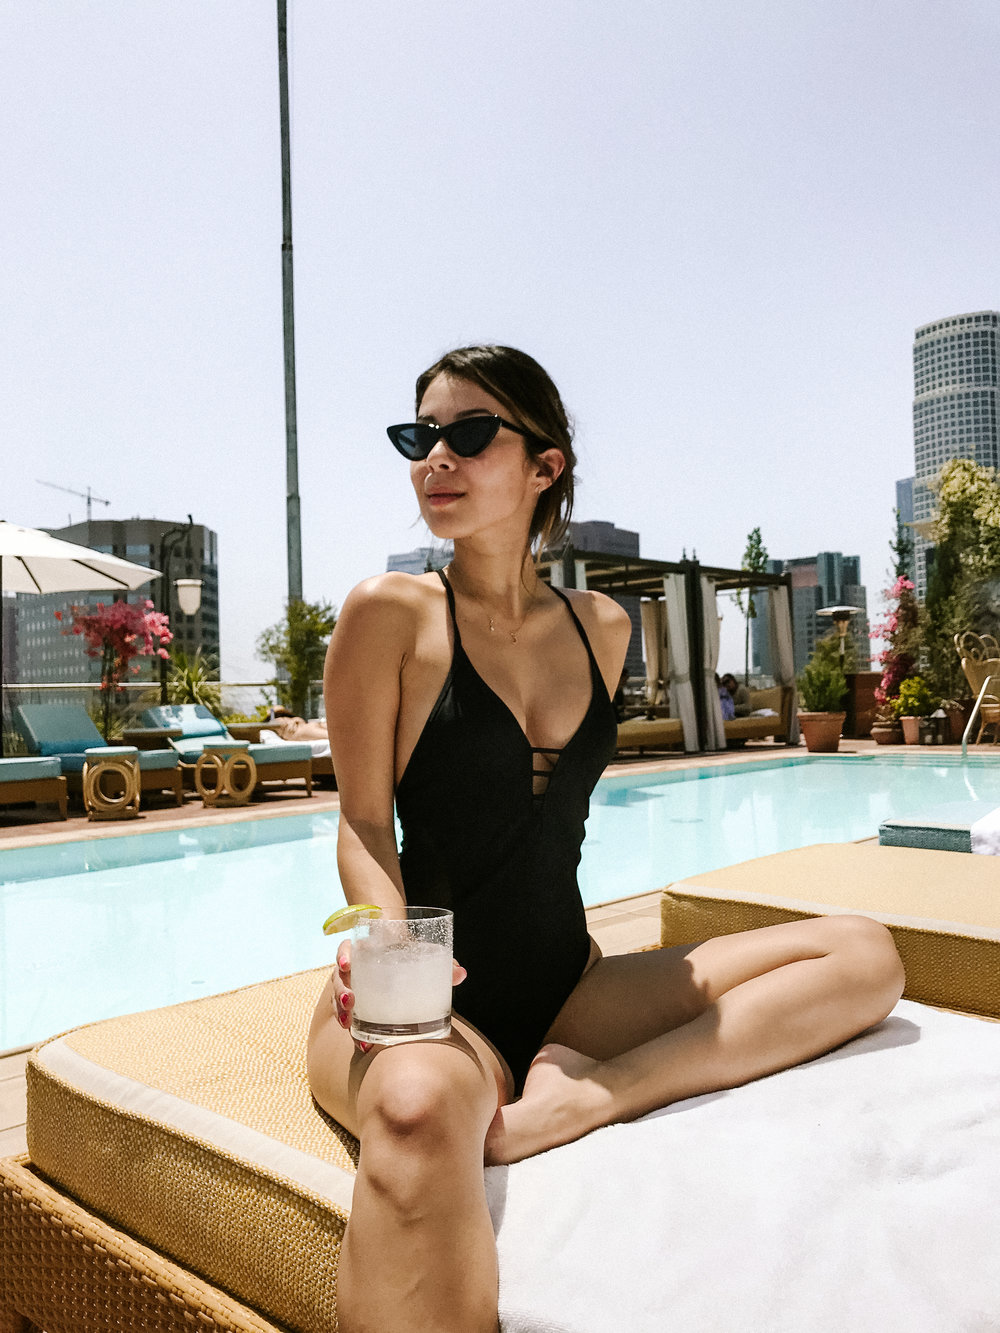 AshleyCampuzanoBlog_Nomad-Hotel_ACexplores_AshleyCampuzanoActress_@CampuzanoAshley_17.jpg